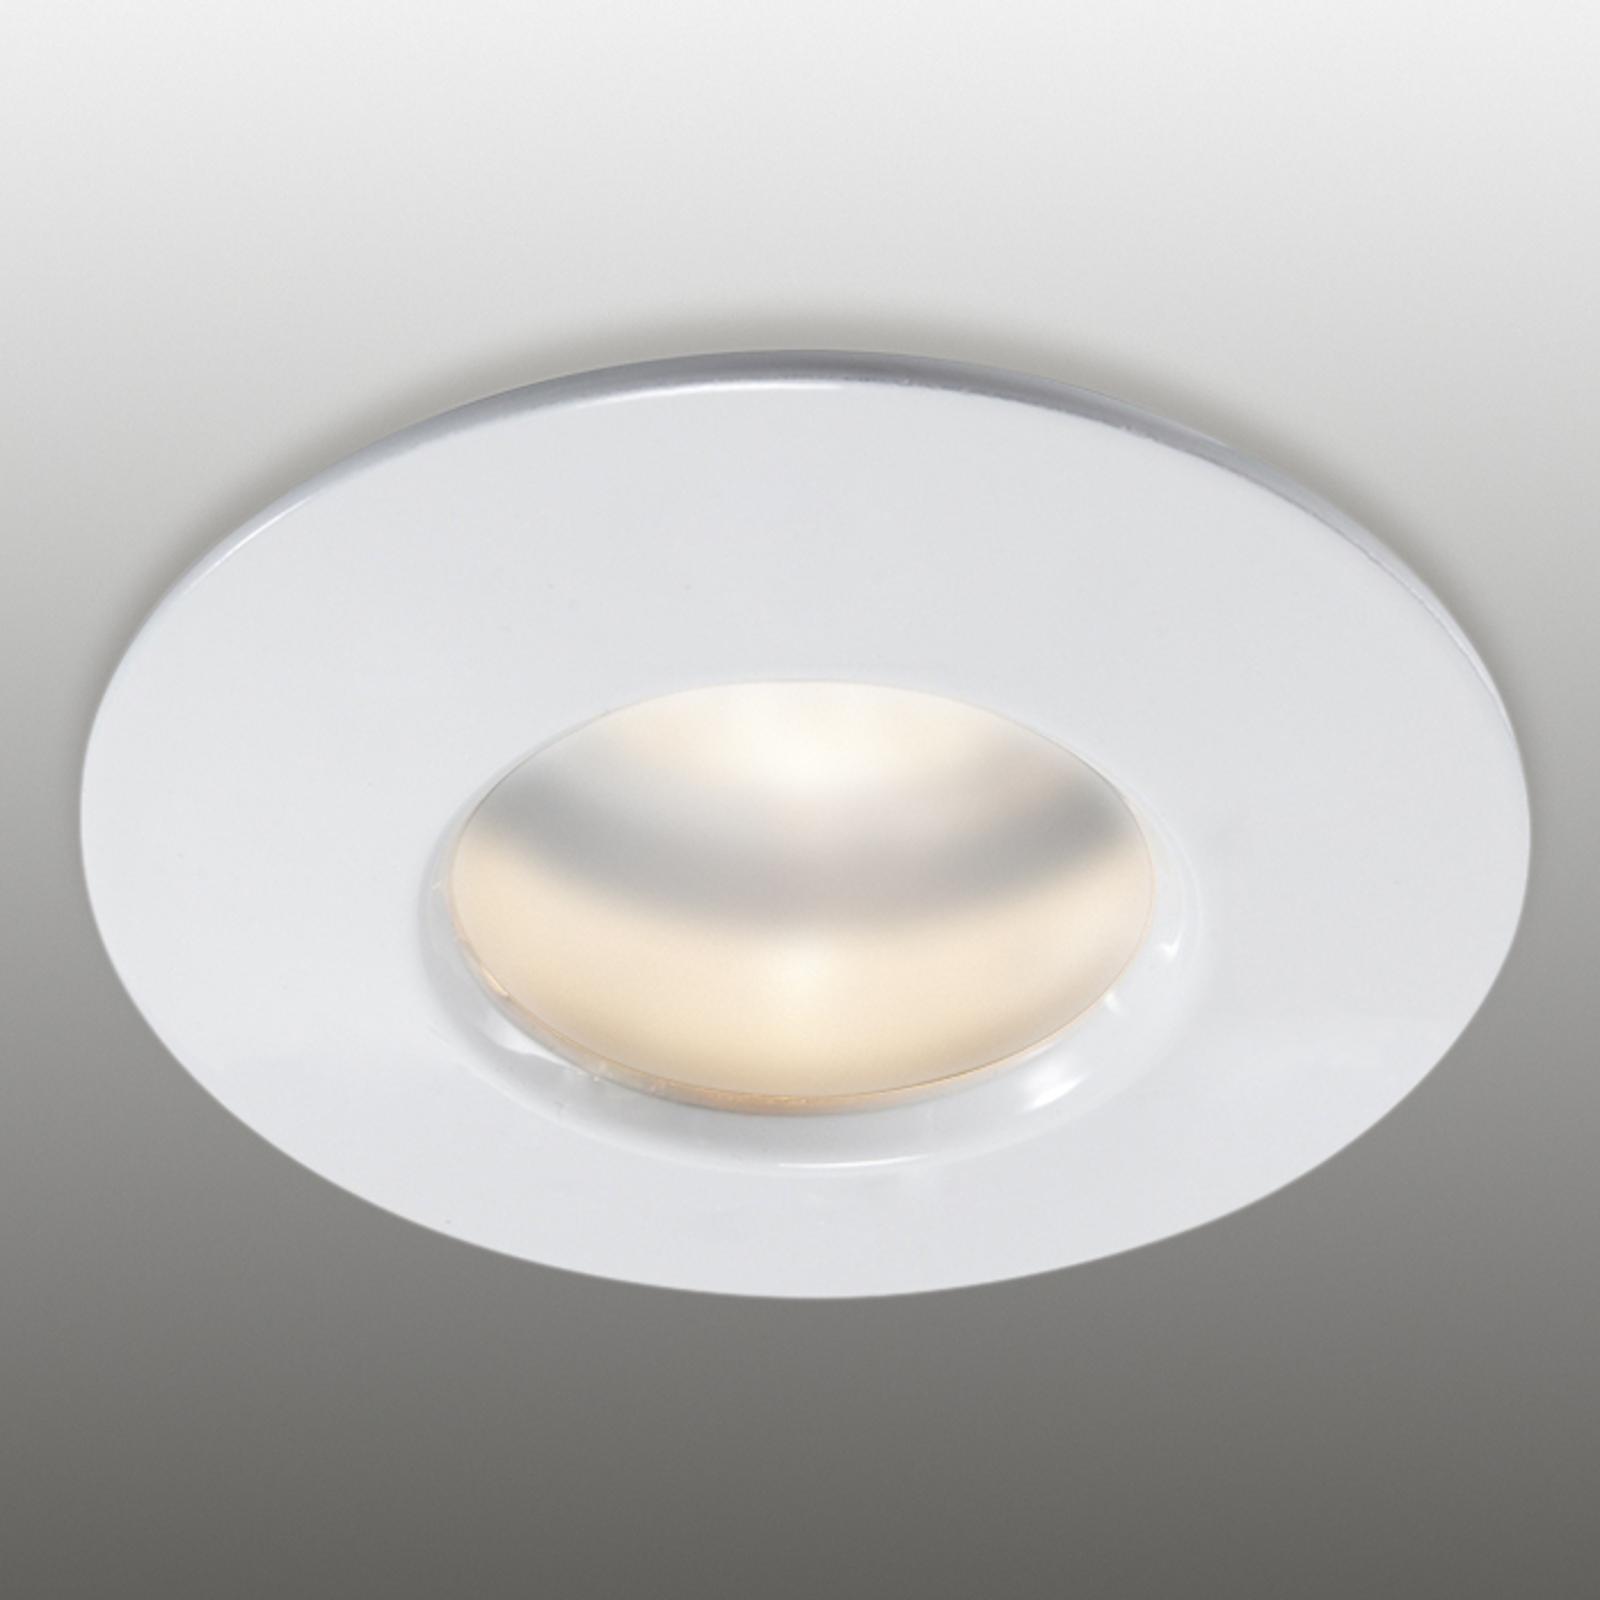 Anello da incasso fisso bianco